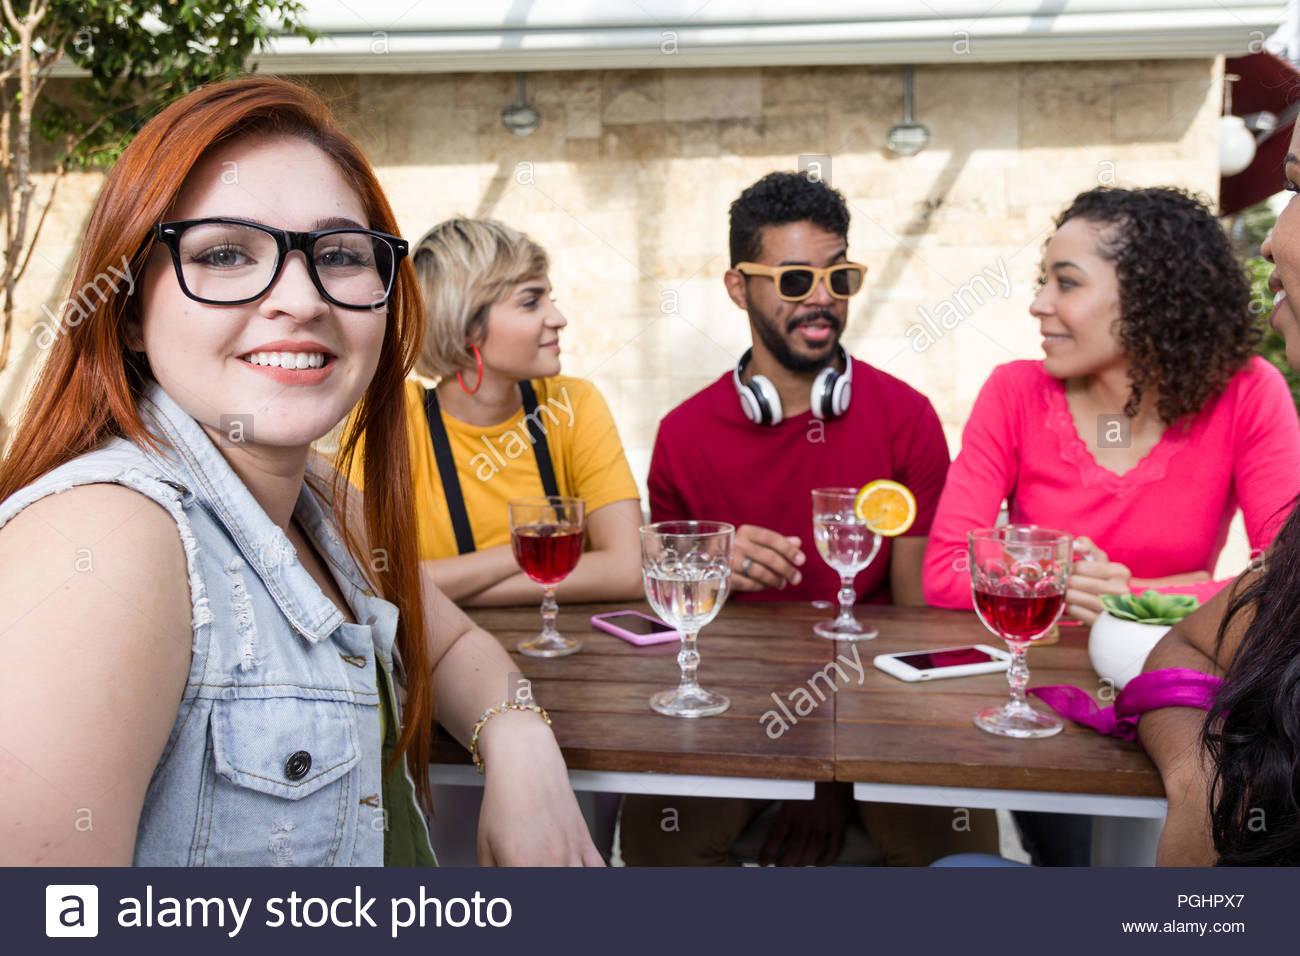 Felice millennial amici tifo e bere insieme al cafe bar all'aperto. Razza mista gruppo di amici divertendosi al ristorante esterno. Molla, wa Immagini Stock